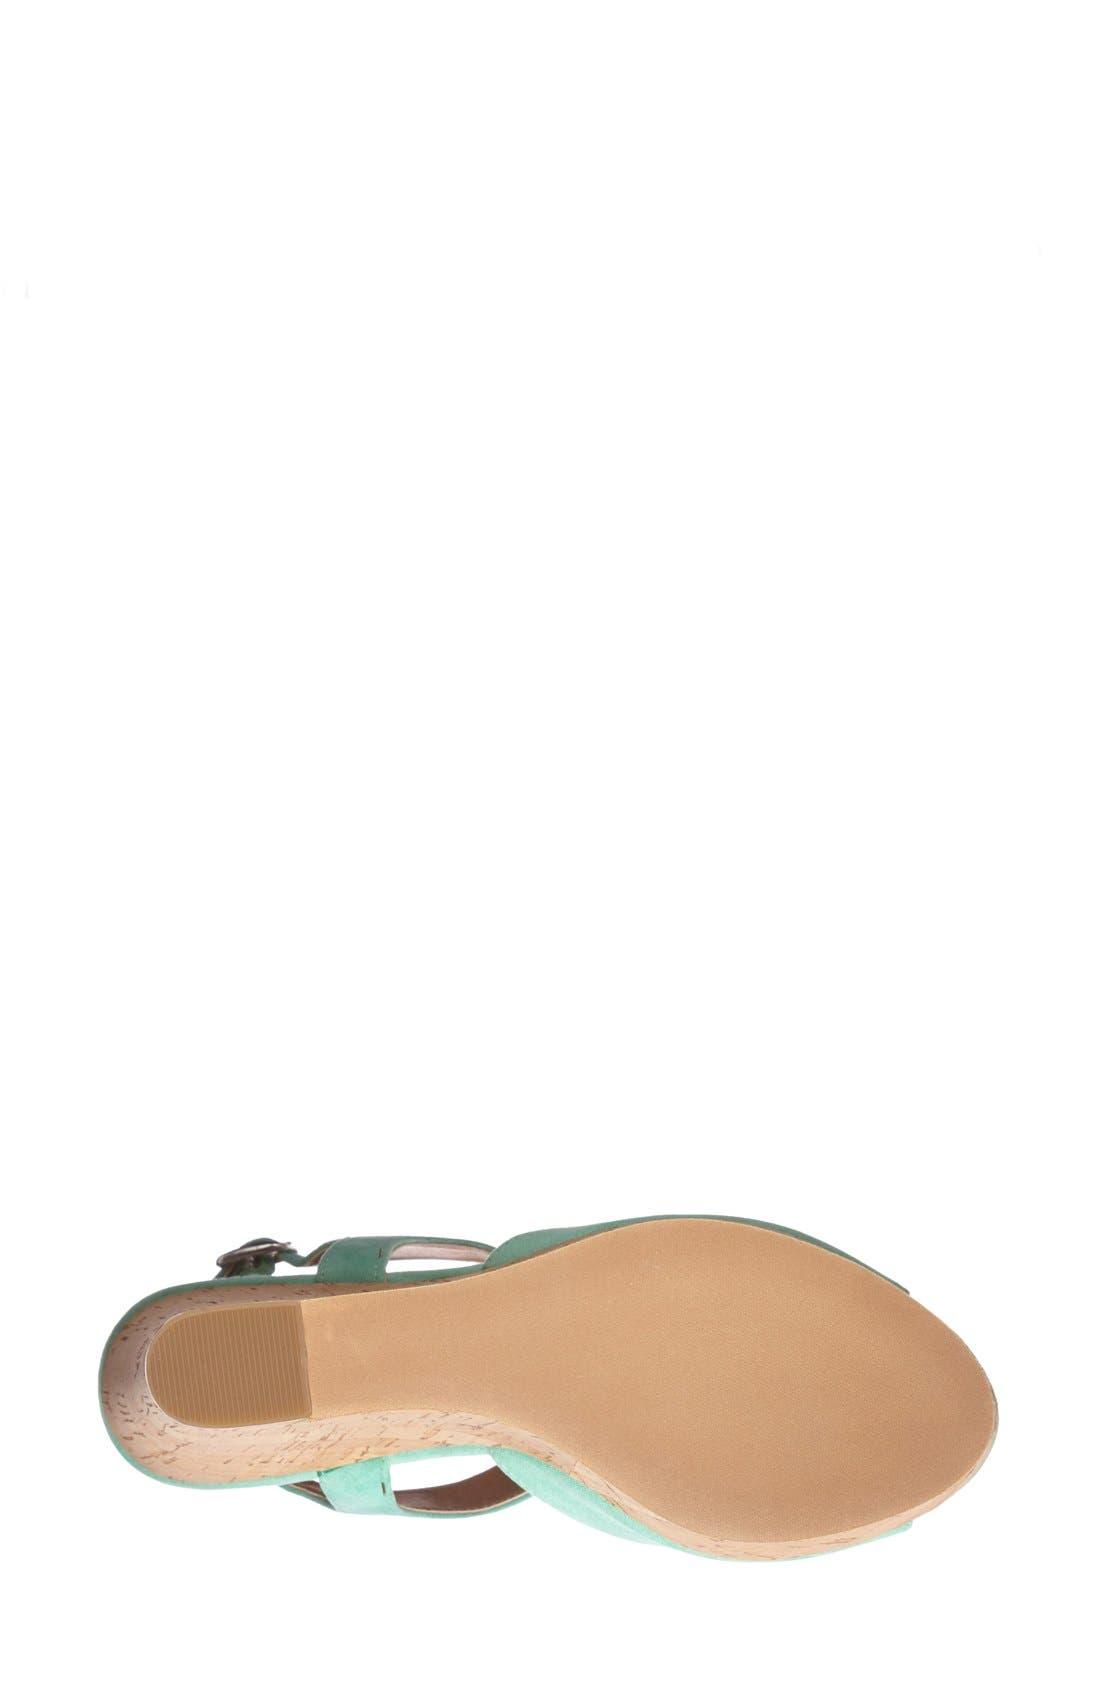 Alternate Image 2  - BP. 'Springs' Peep Toe Wedge Sandal (Women)